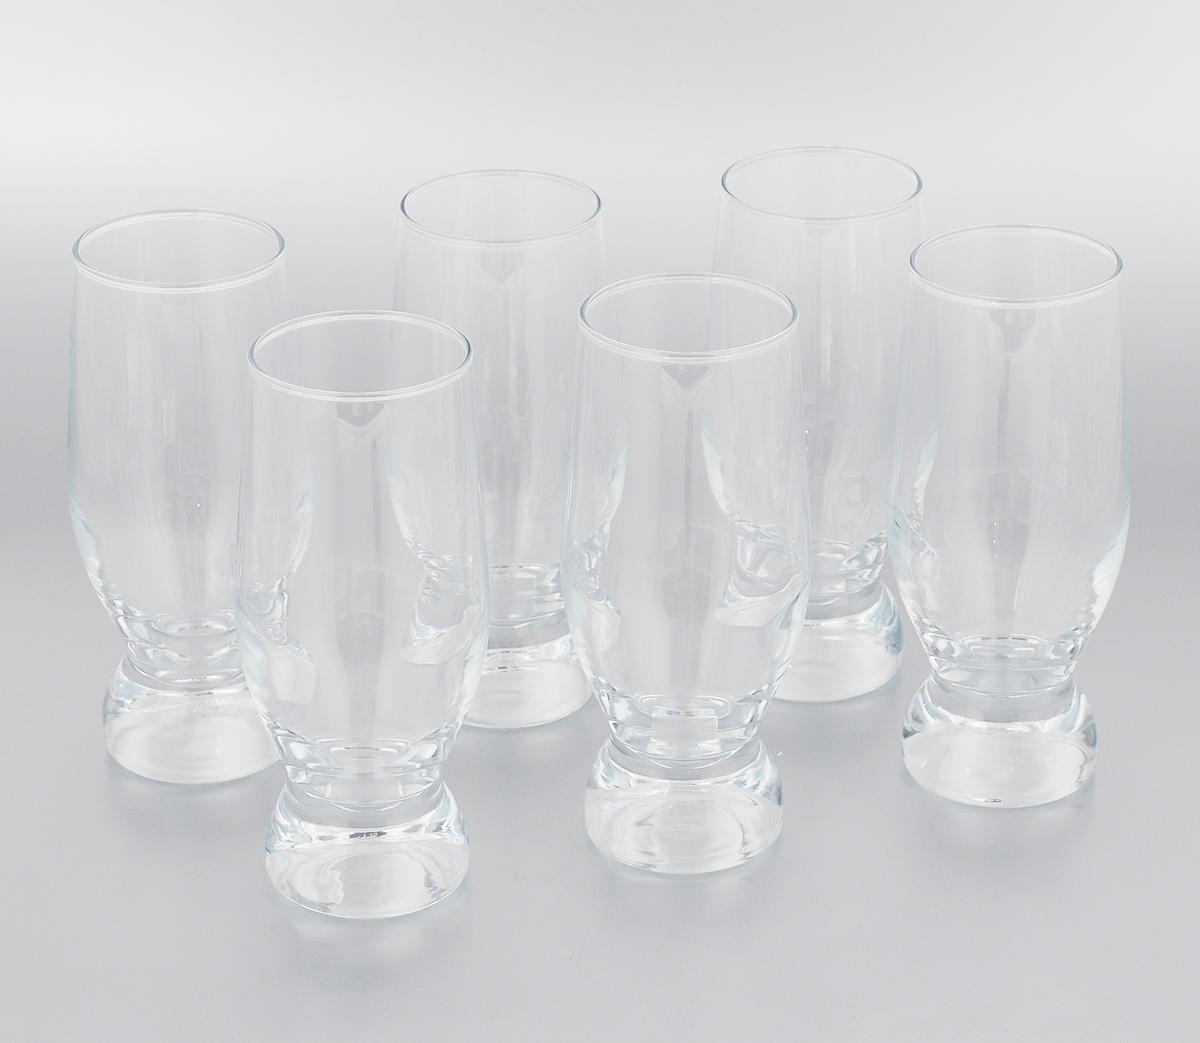 Набор стаканов Pasabahce Aquatic, 265 мл, 6 шт42978/Набор Pasabahce Aquatic состоит из 6 стаканов, выполненных из прочного натрий-кальций- силикатного стекла, которое выдерживает нагрев до 70°С. Стильный лаконичный дизайн, роскошный внешний вид и несравненное качество сделают их великолепным украшением стола. Подходят для мытья в посудомоечной машине. Можно использовать в микроволновой печи и для хранения пищи в холодильнике. Диаметр (по верхнему краю): 5,5 см. Высота стакана: 15 см.